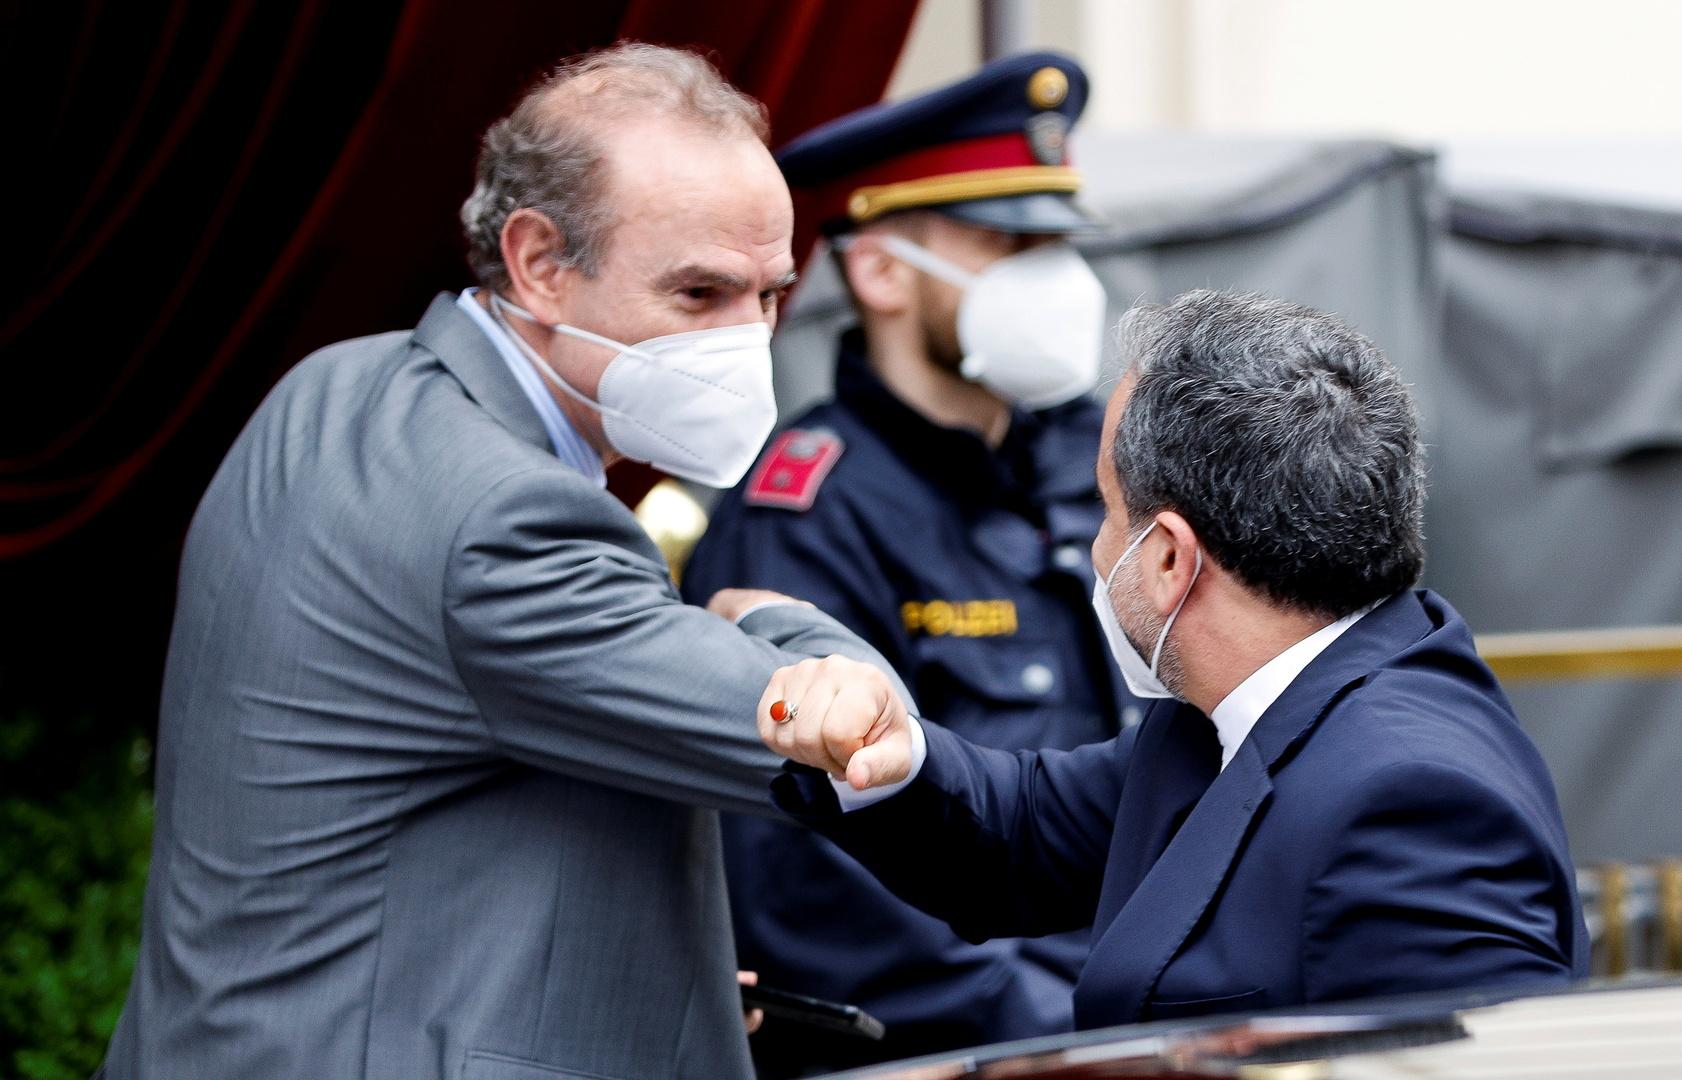 عراقجي يبحث مع ممثل الاتحاد الأوروبي مستجدات محادثات فيينا حول الصفقة النووية